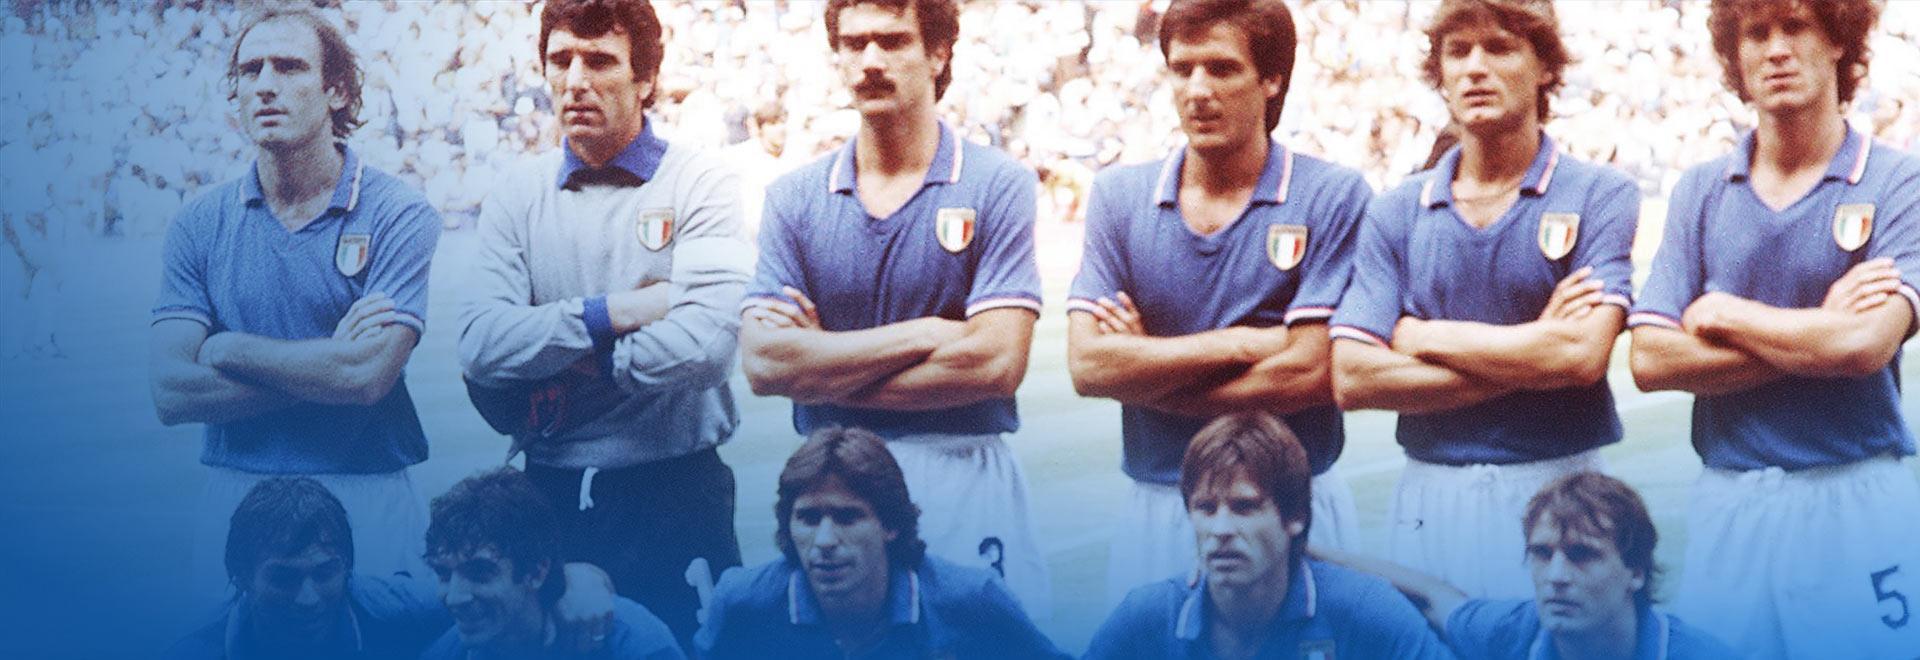 Italia Mundial (Spagna 1982)